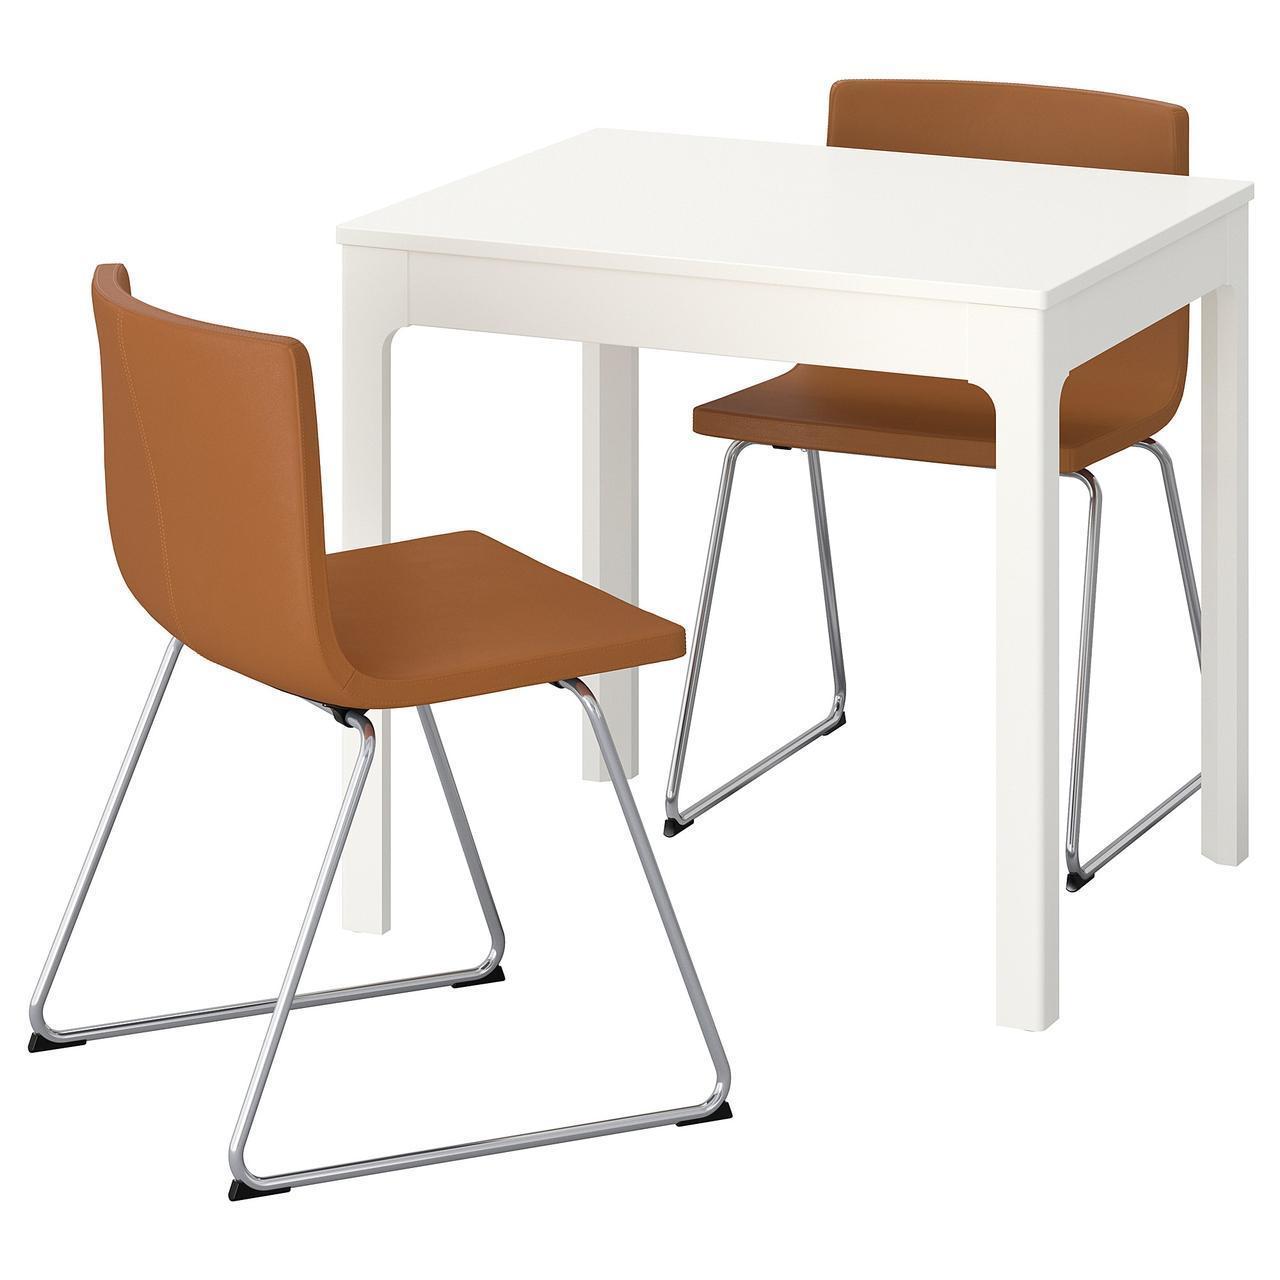 IKEA EKEDALEN/BERNHARD Стол и 2 стула, белый, Мжук золотисто-коричневый  (092.806.90)